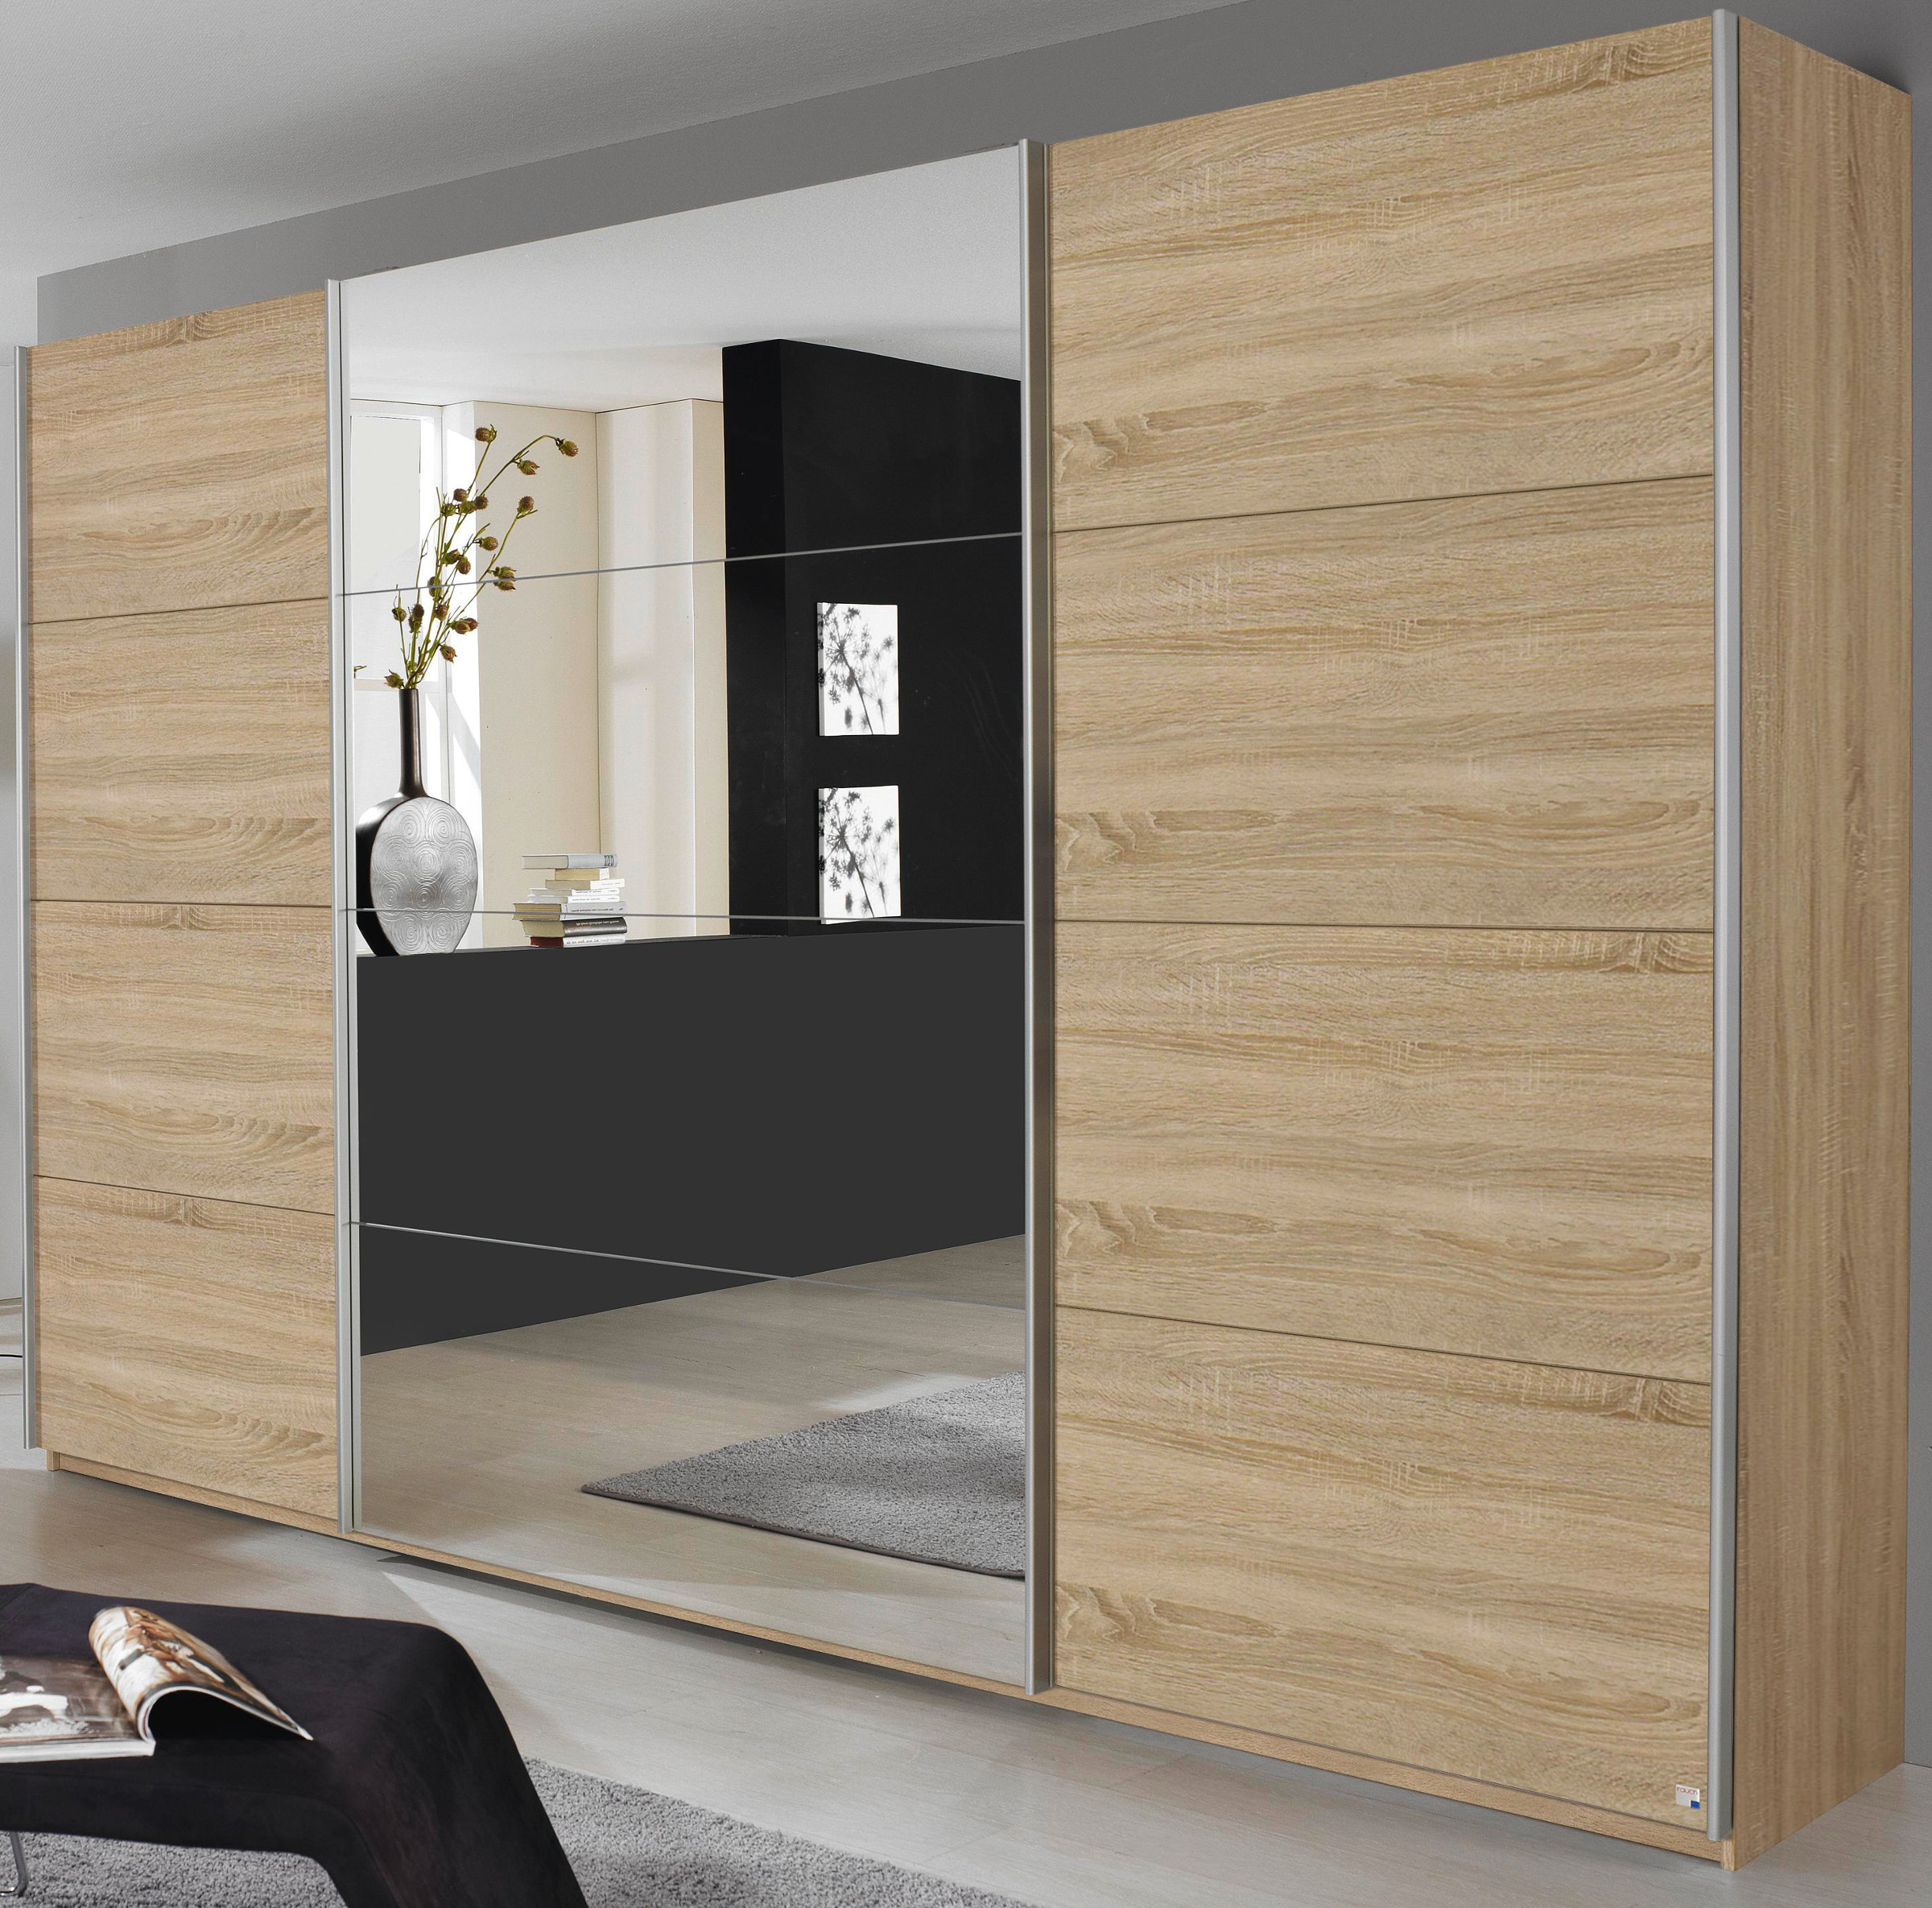 rauch schwebet renschrank quadra eiche sonoma spiegel 5 breiten 2 h hen ebay. Black Bedroom Furniture Sets. Home Design Ideas